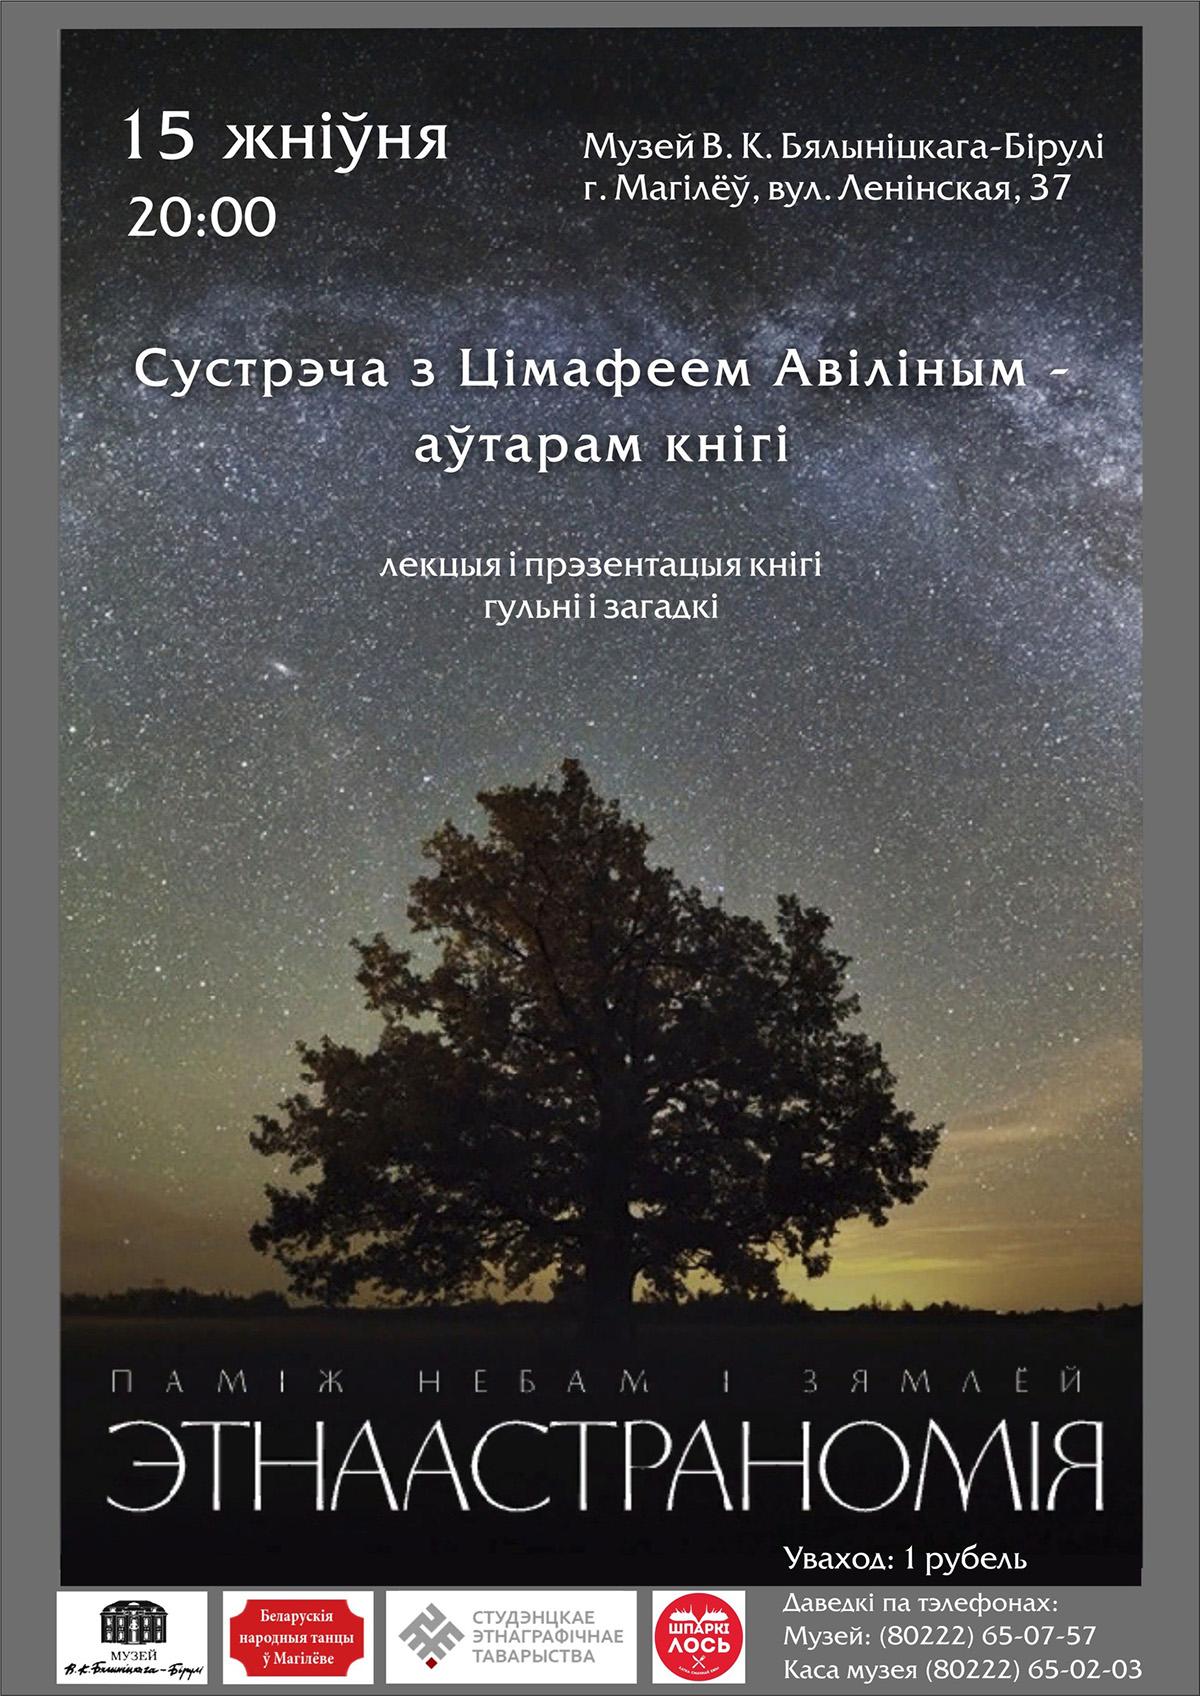 Встреча савтором книги «Между небом иземлей: этноастрономия» Тимофеем Авилиным состоится вМогилеве 15августа